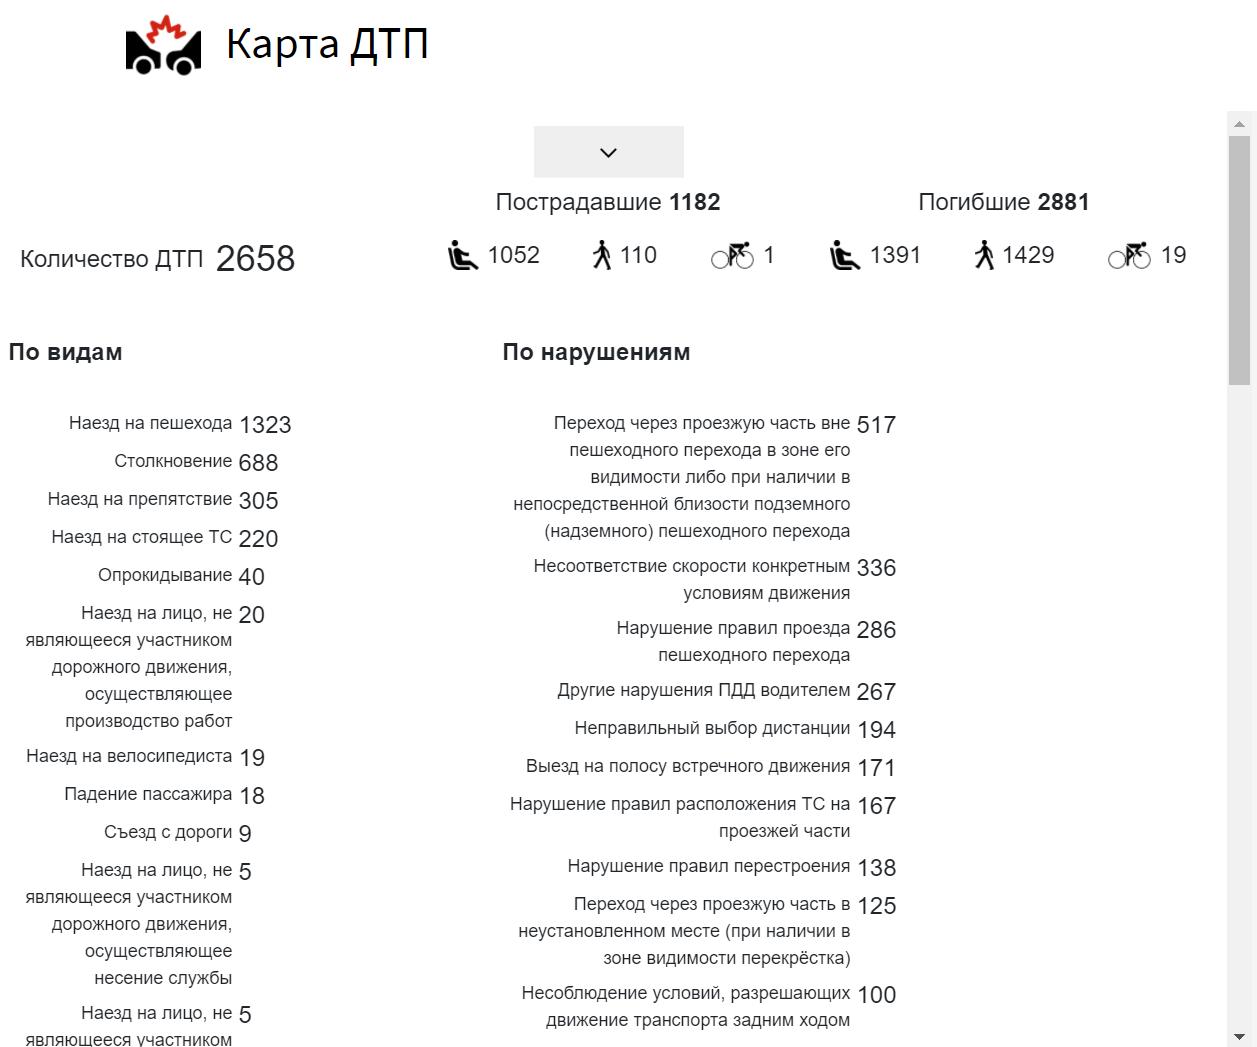 Статистика на Карте ДТП. dtp-stat.ru/moskva/